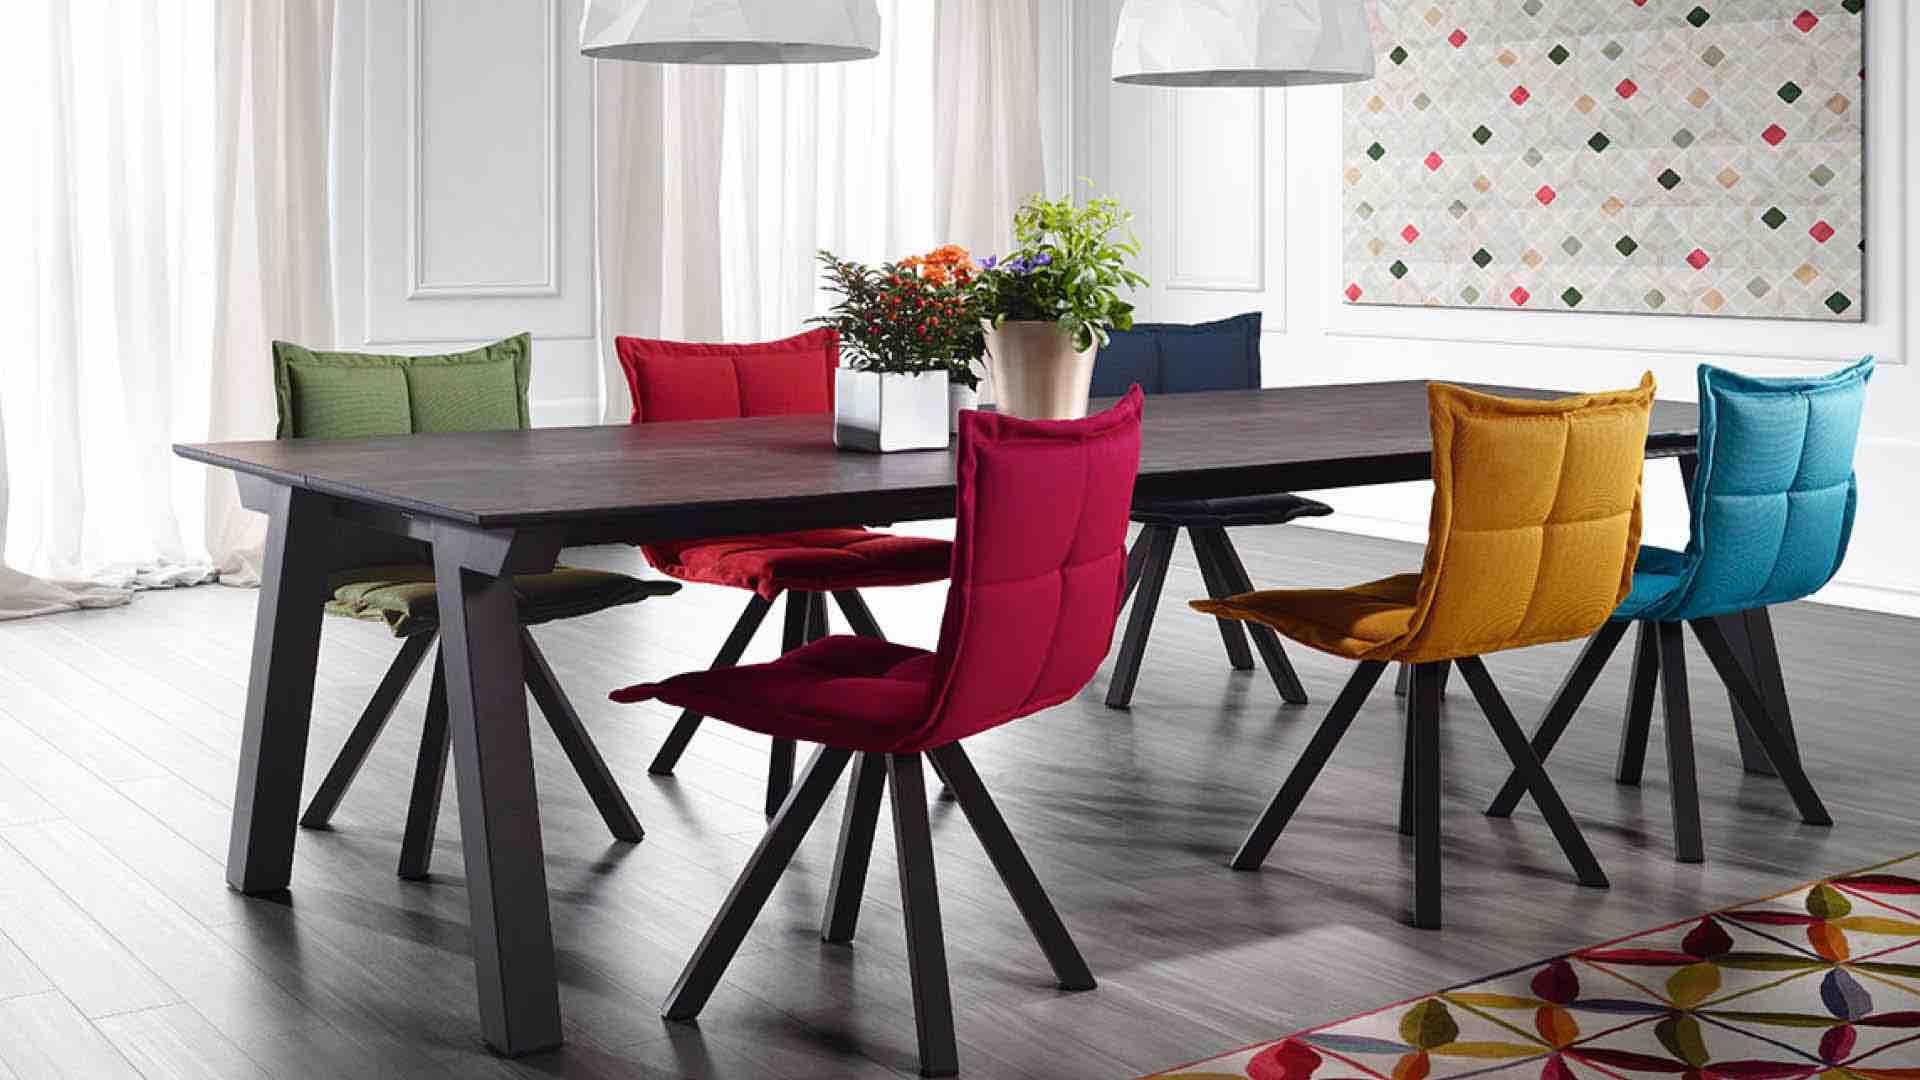 L Habitation Mobilier Salon Table Objet Decoration A 5 Minutes De Geneve Literie Concept